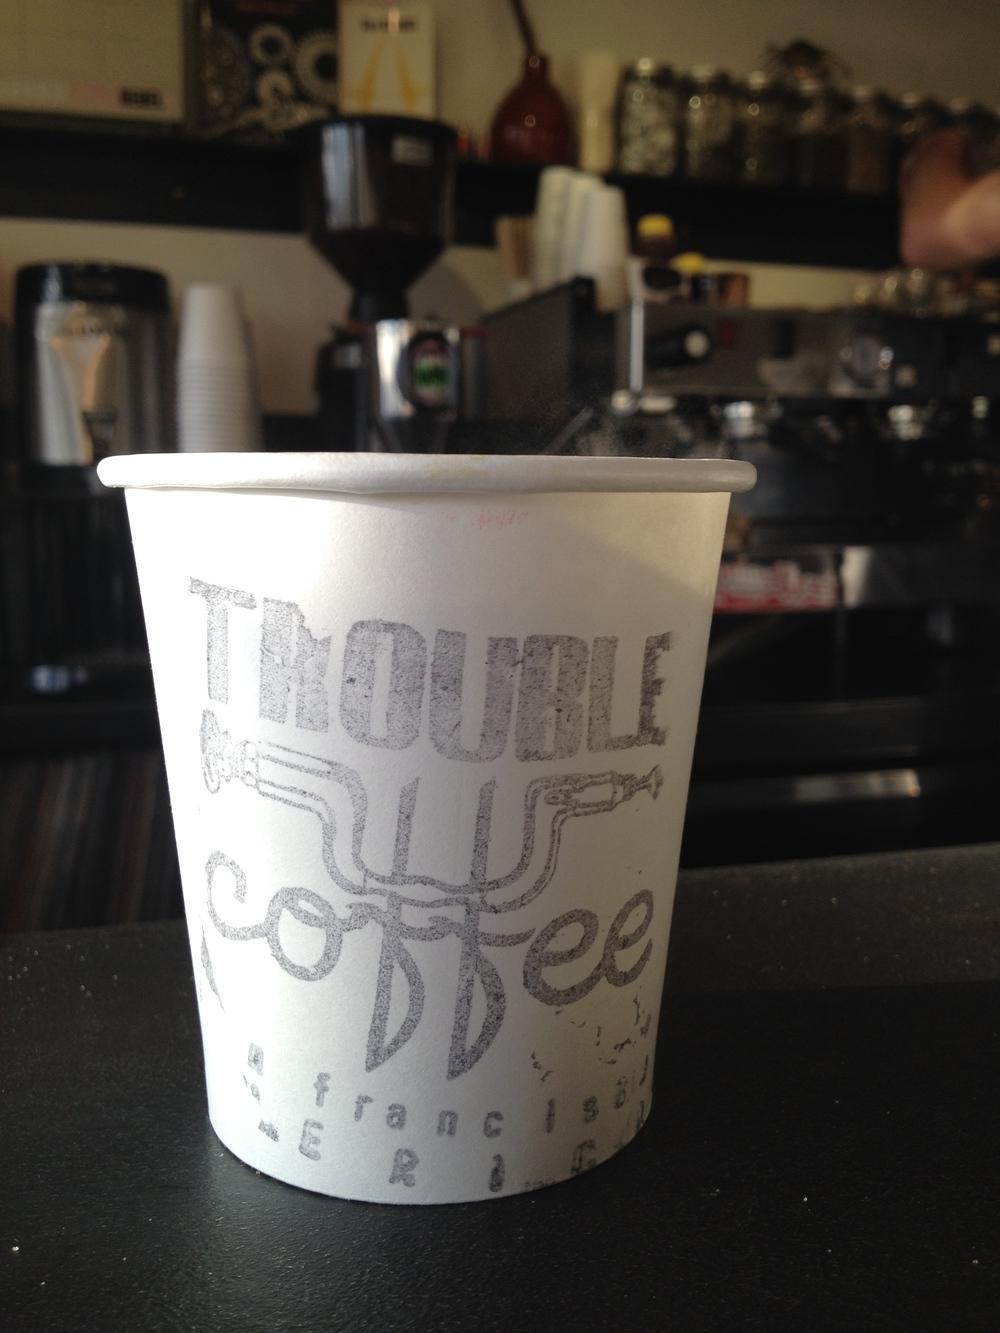 I love my Bay Area coffee